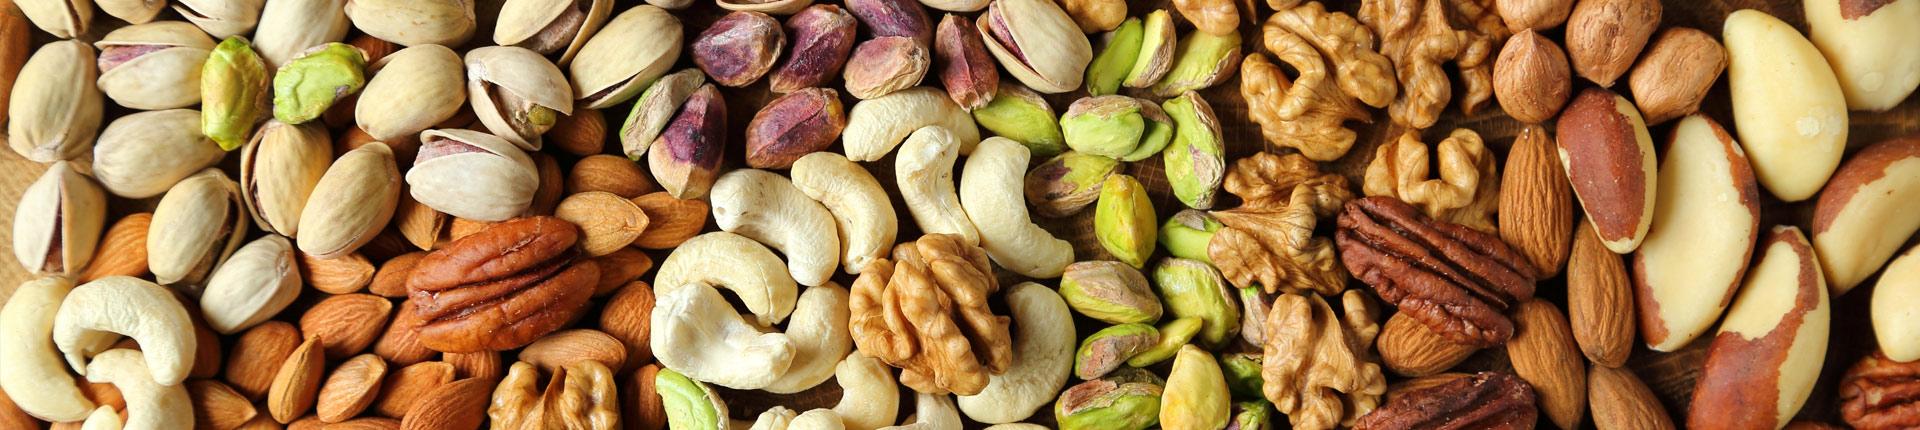 5 doskonałych wysokobiałkowych produktów dla wegetarian